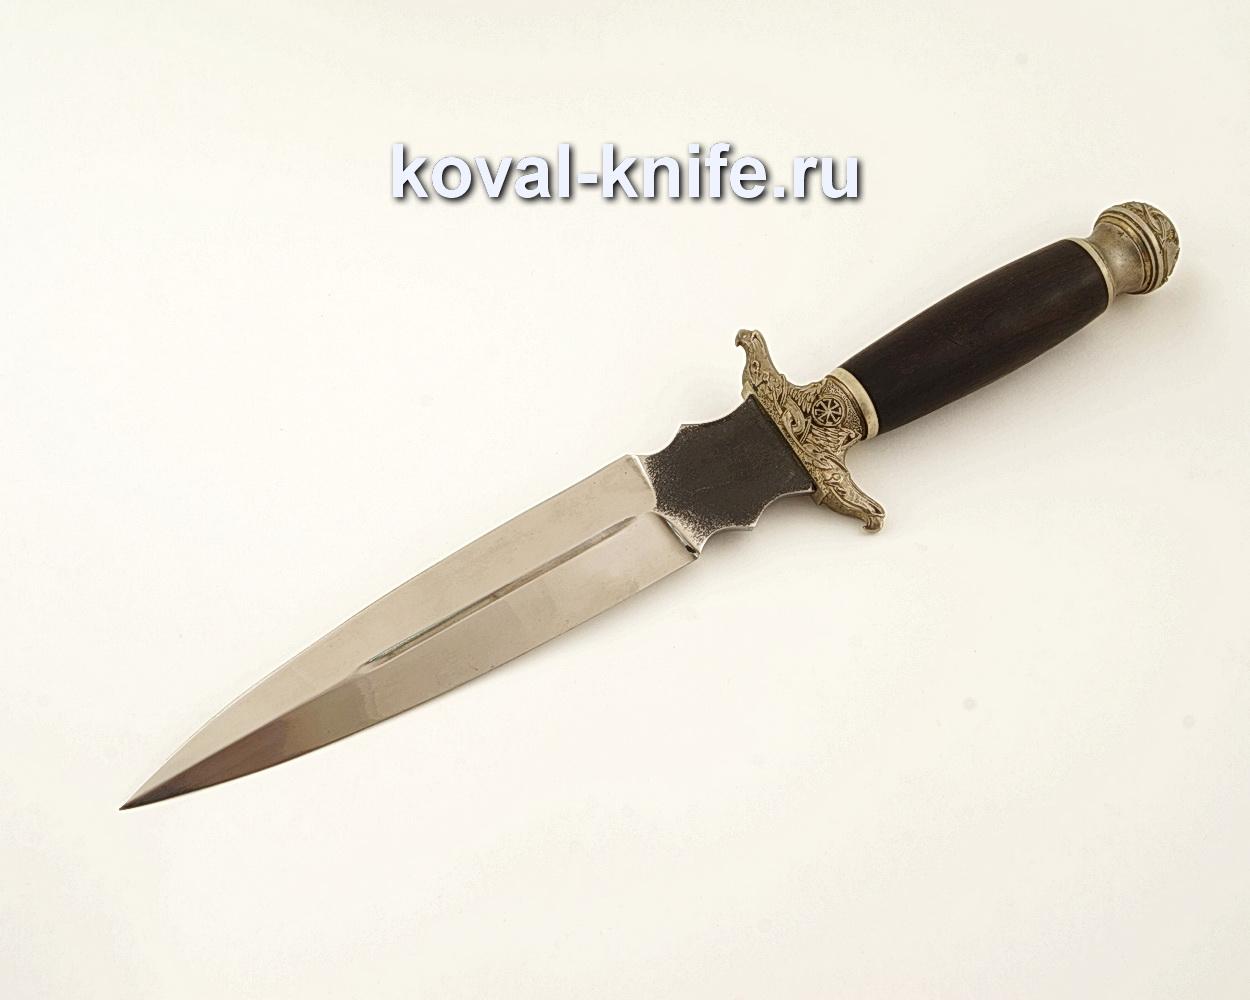 Нож Святогор из кованой стали 110Х18 с рукоятью из граба  A610